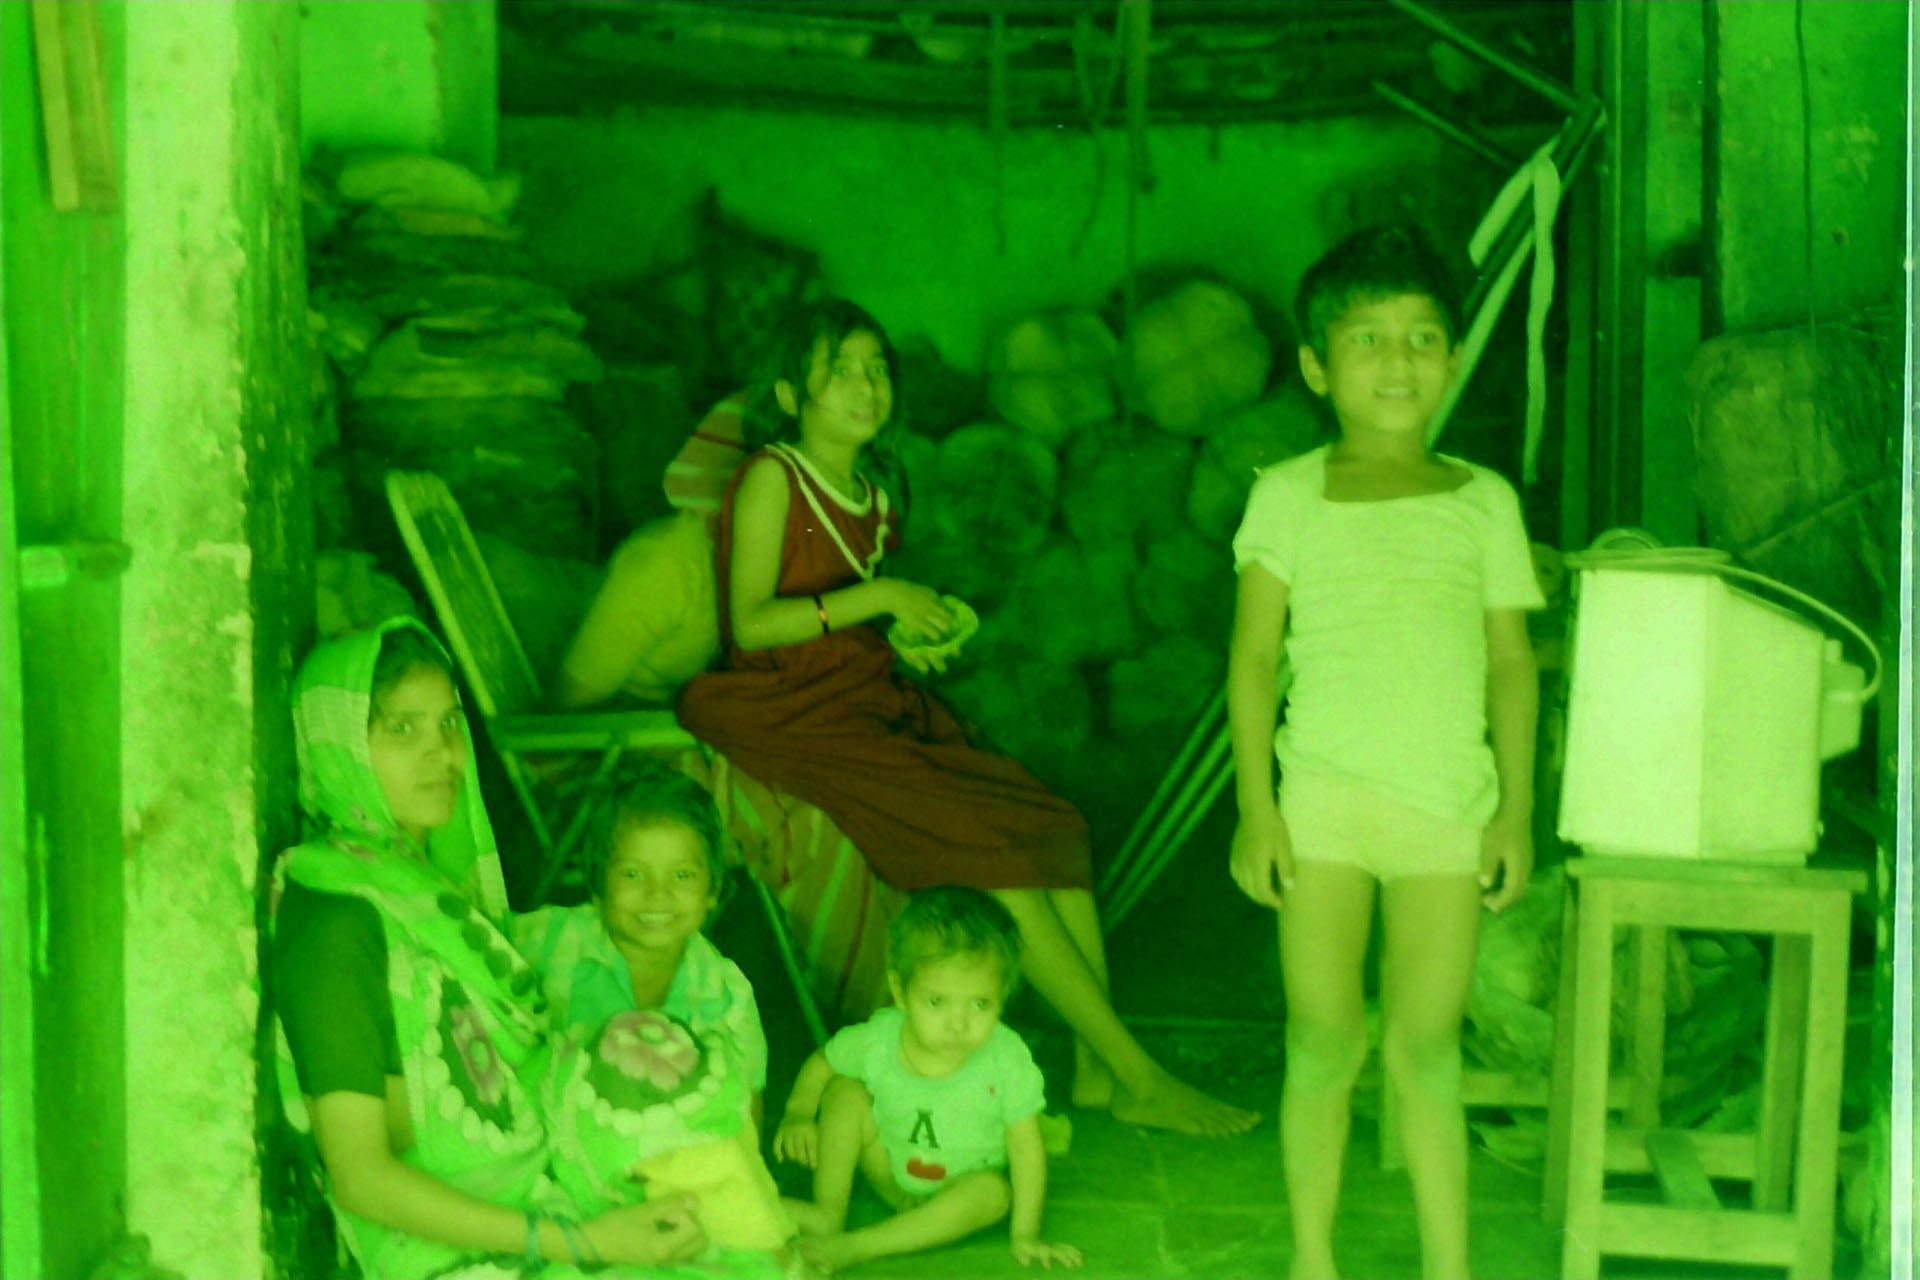 041-Famiglia in un interno,Jaipur,India 1990